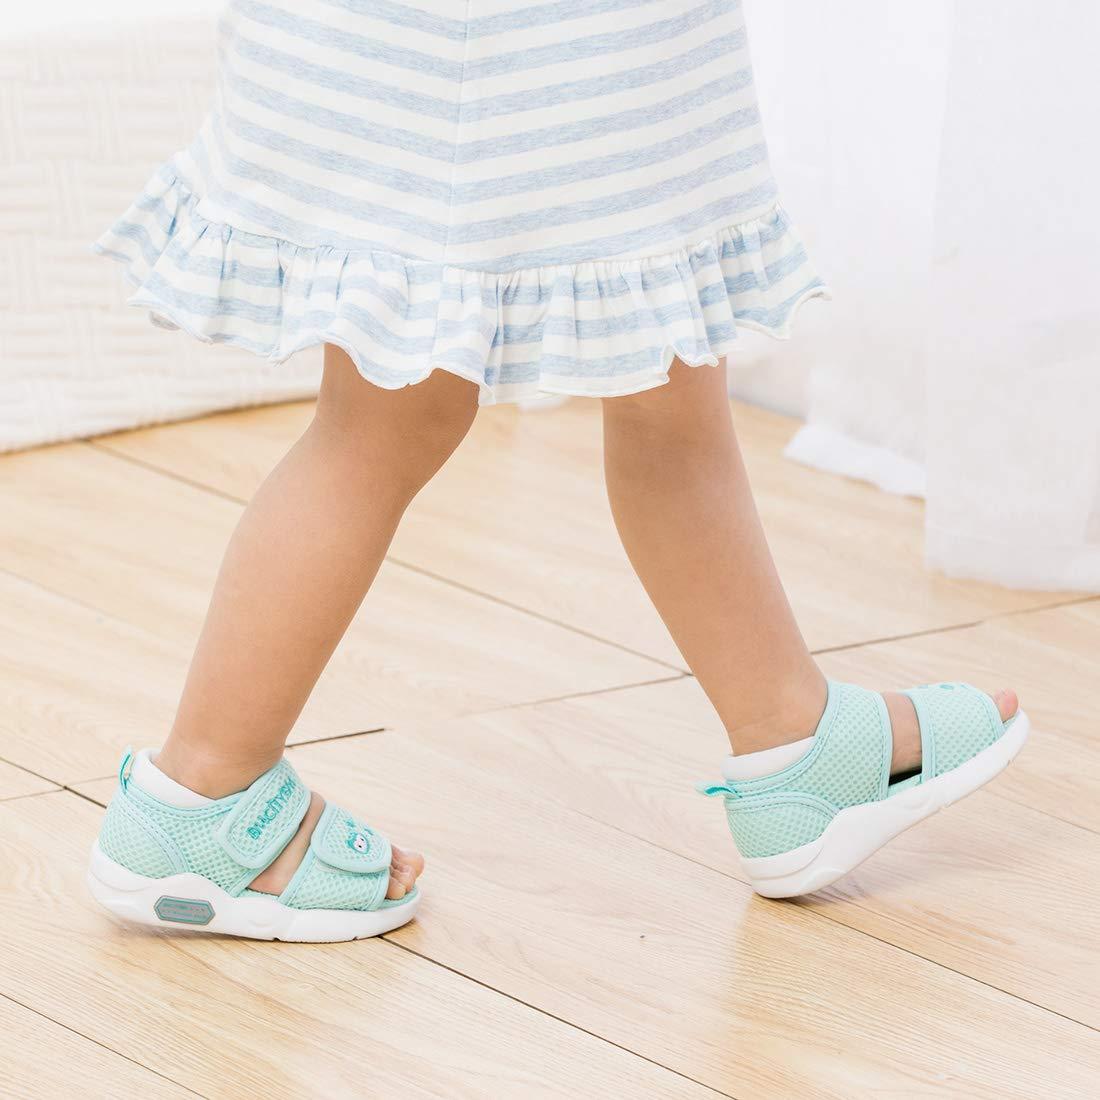 BMCiTYBM Boys Girls Sport Water Sandals Closed-Toe Outdoor Beach Summer Toddler//Little Kid